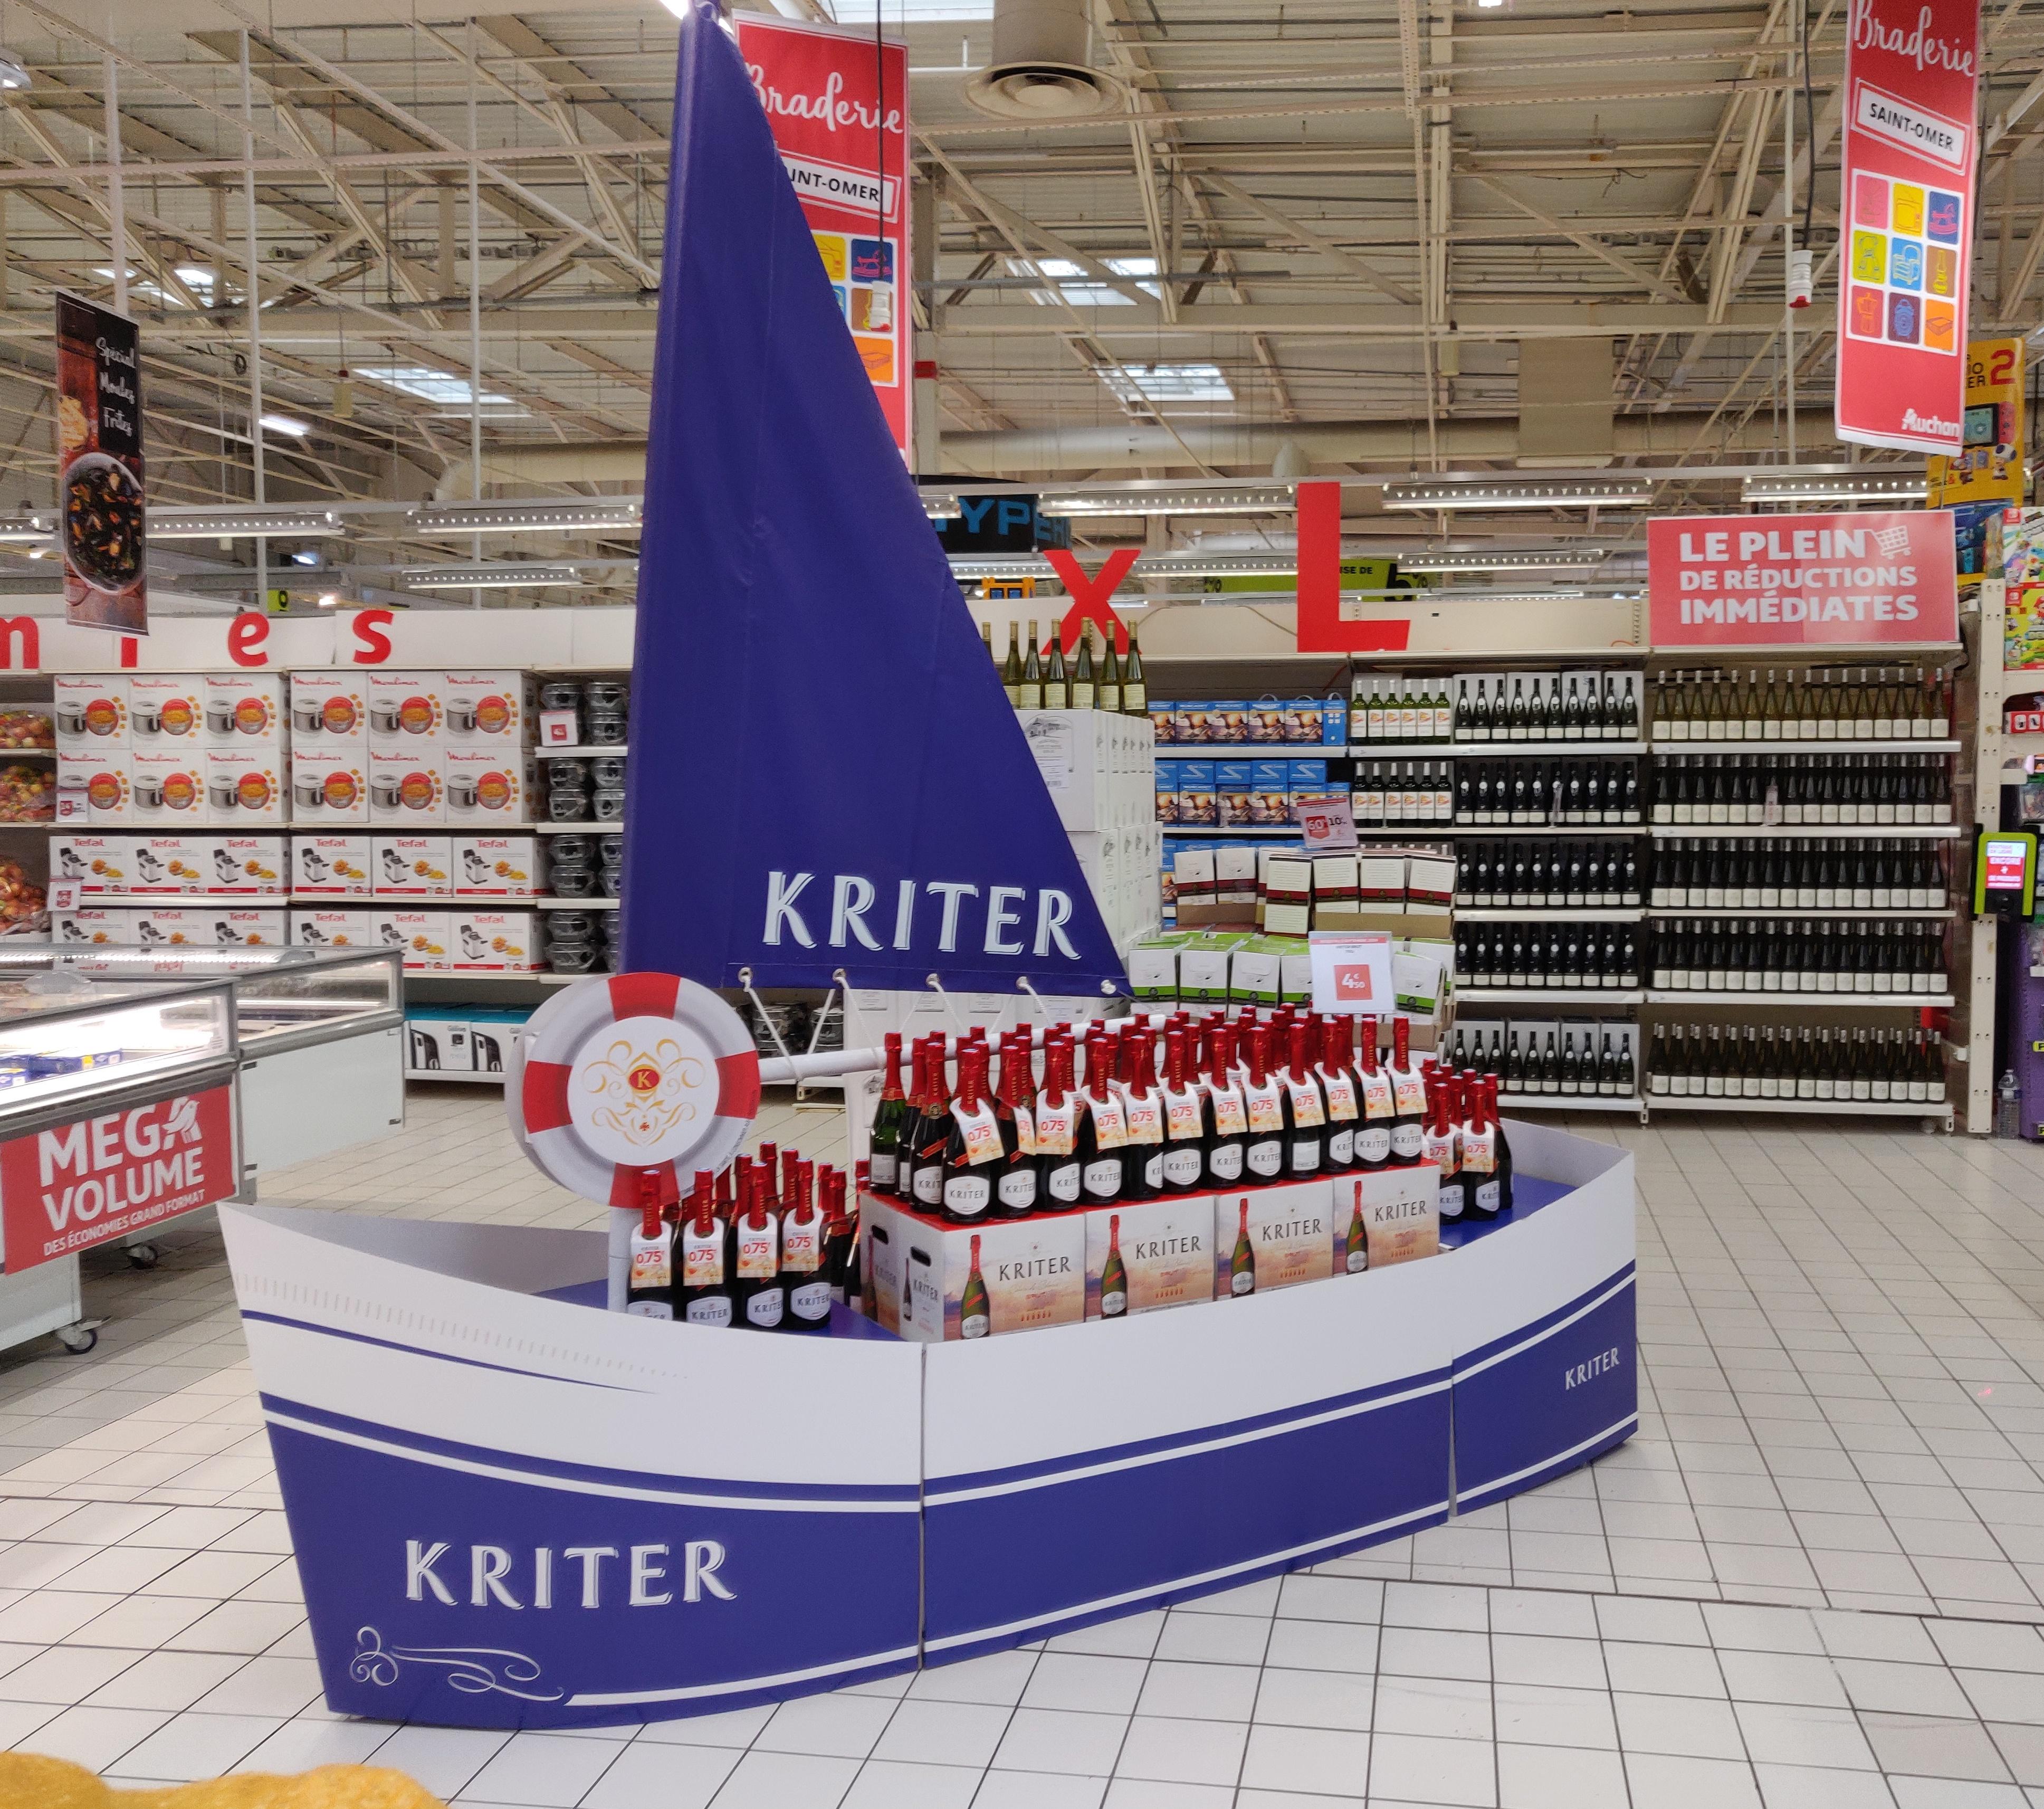 Bateau Kriter  - Auchan Saint Omer